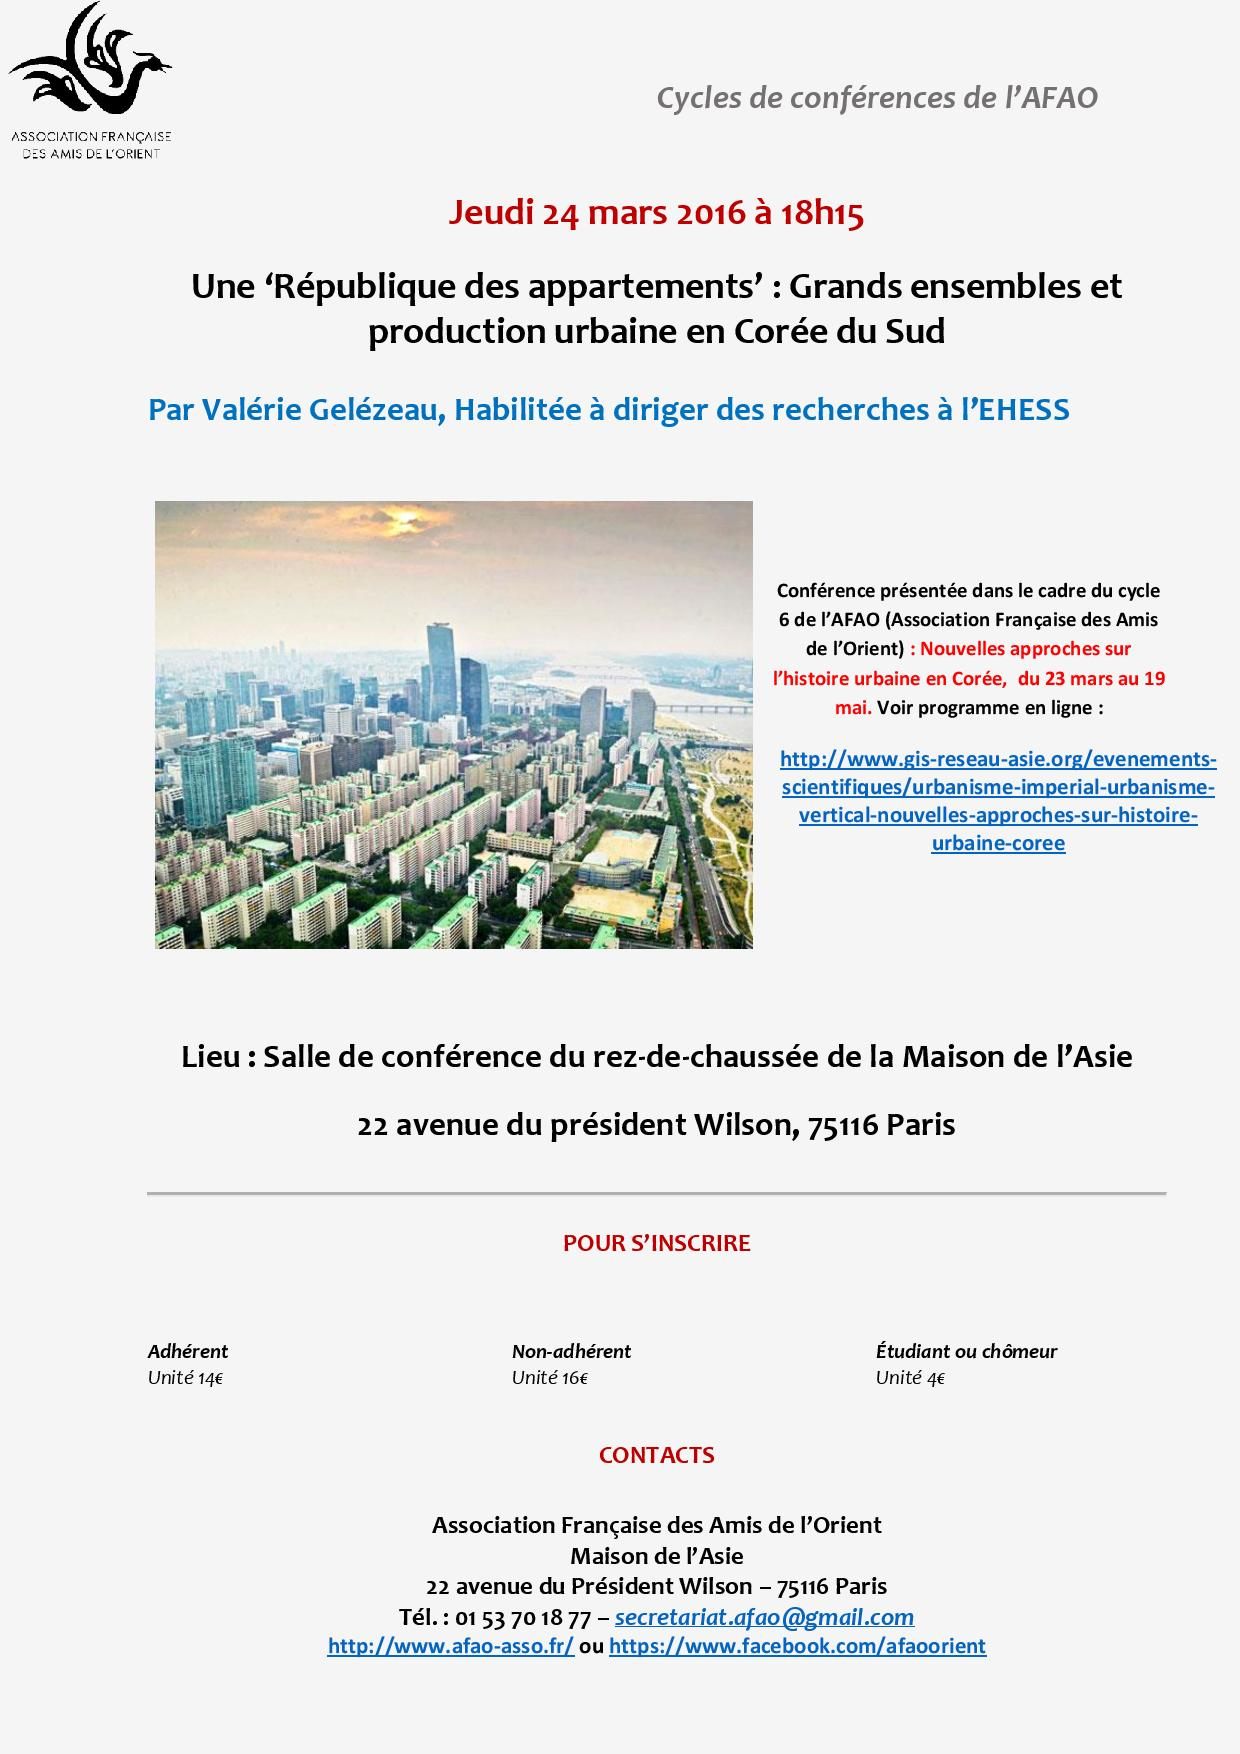 Conférence - Gelézeau - 24 mars - AFAO